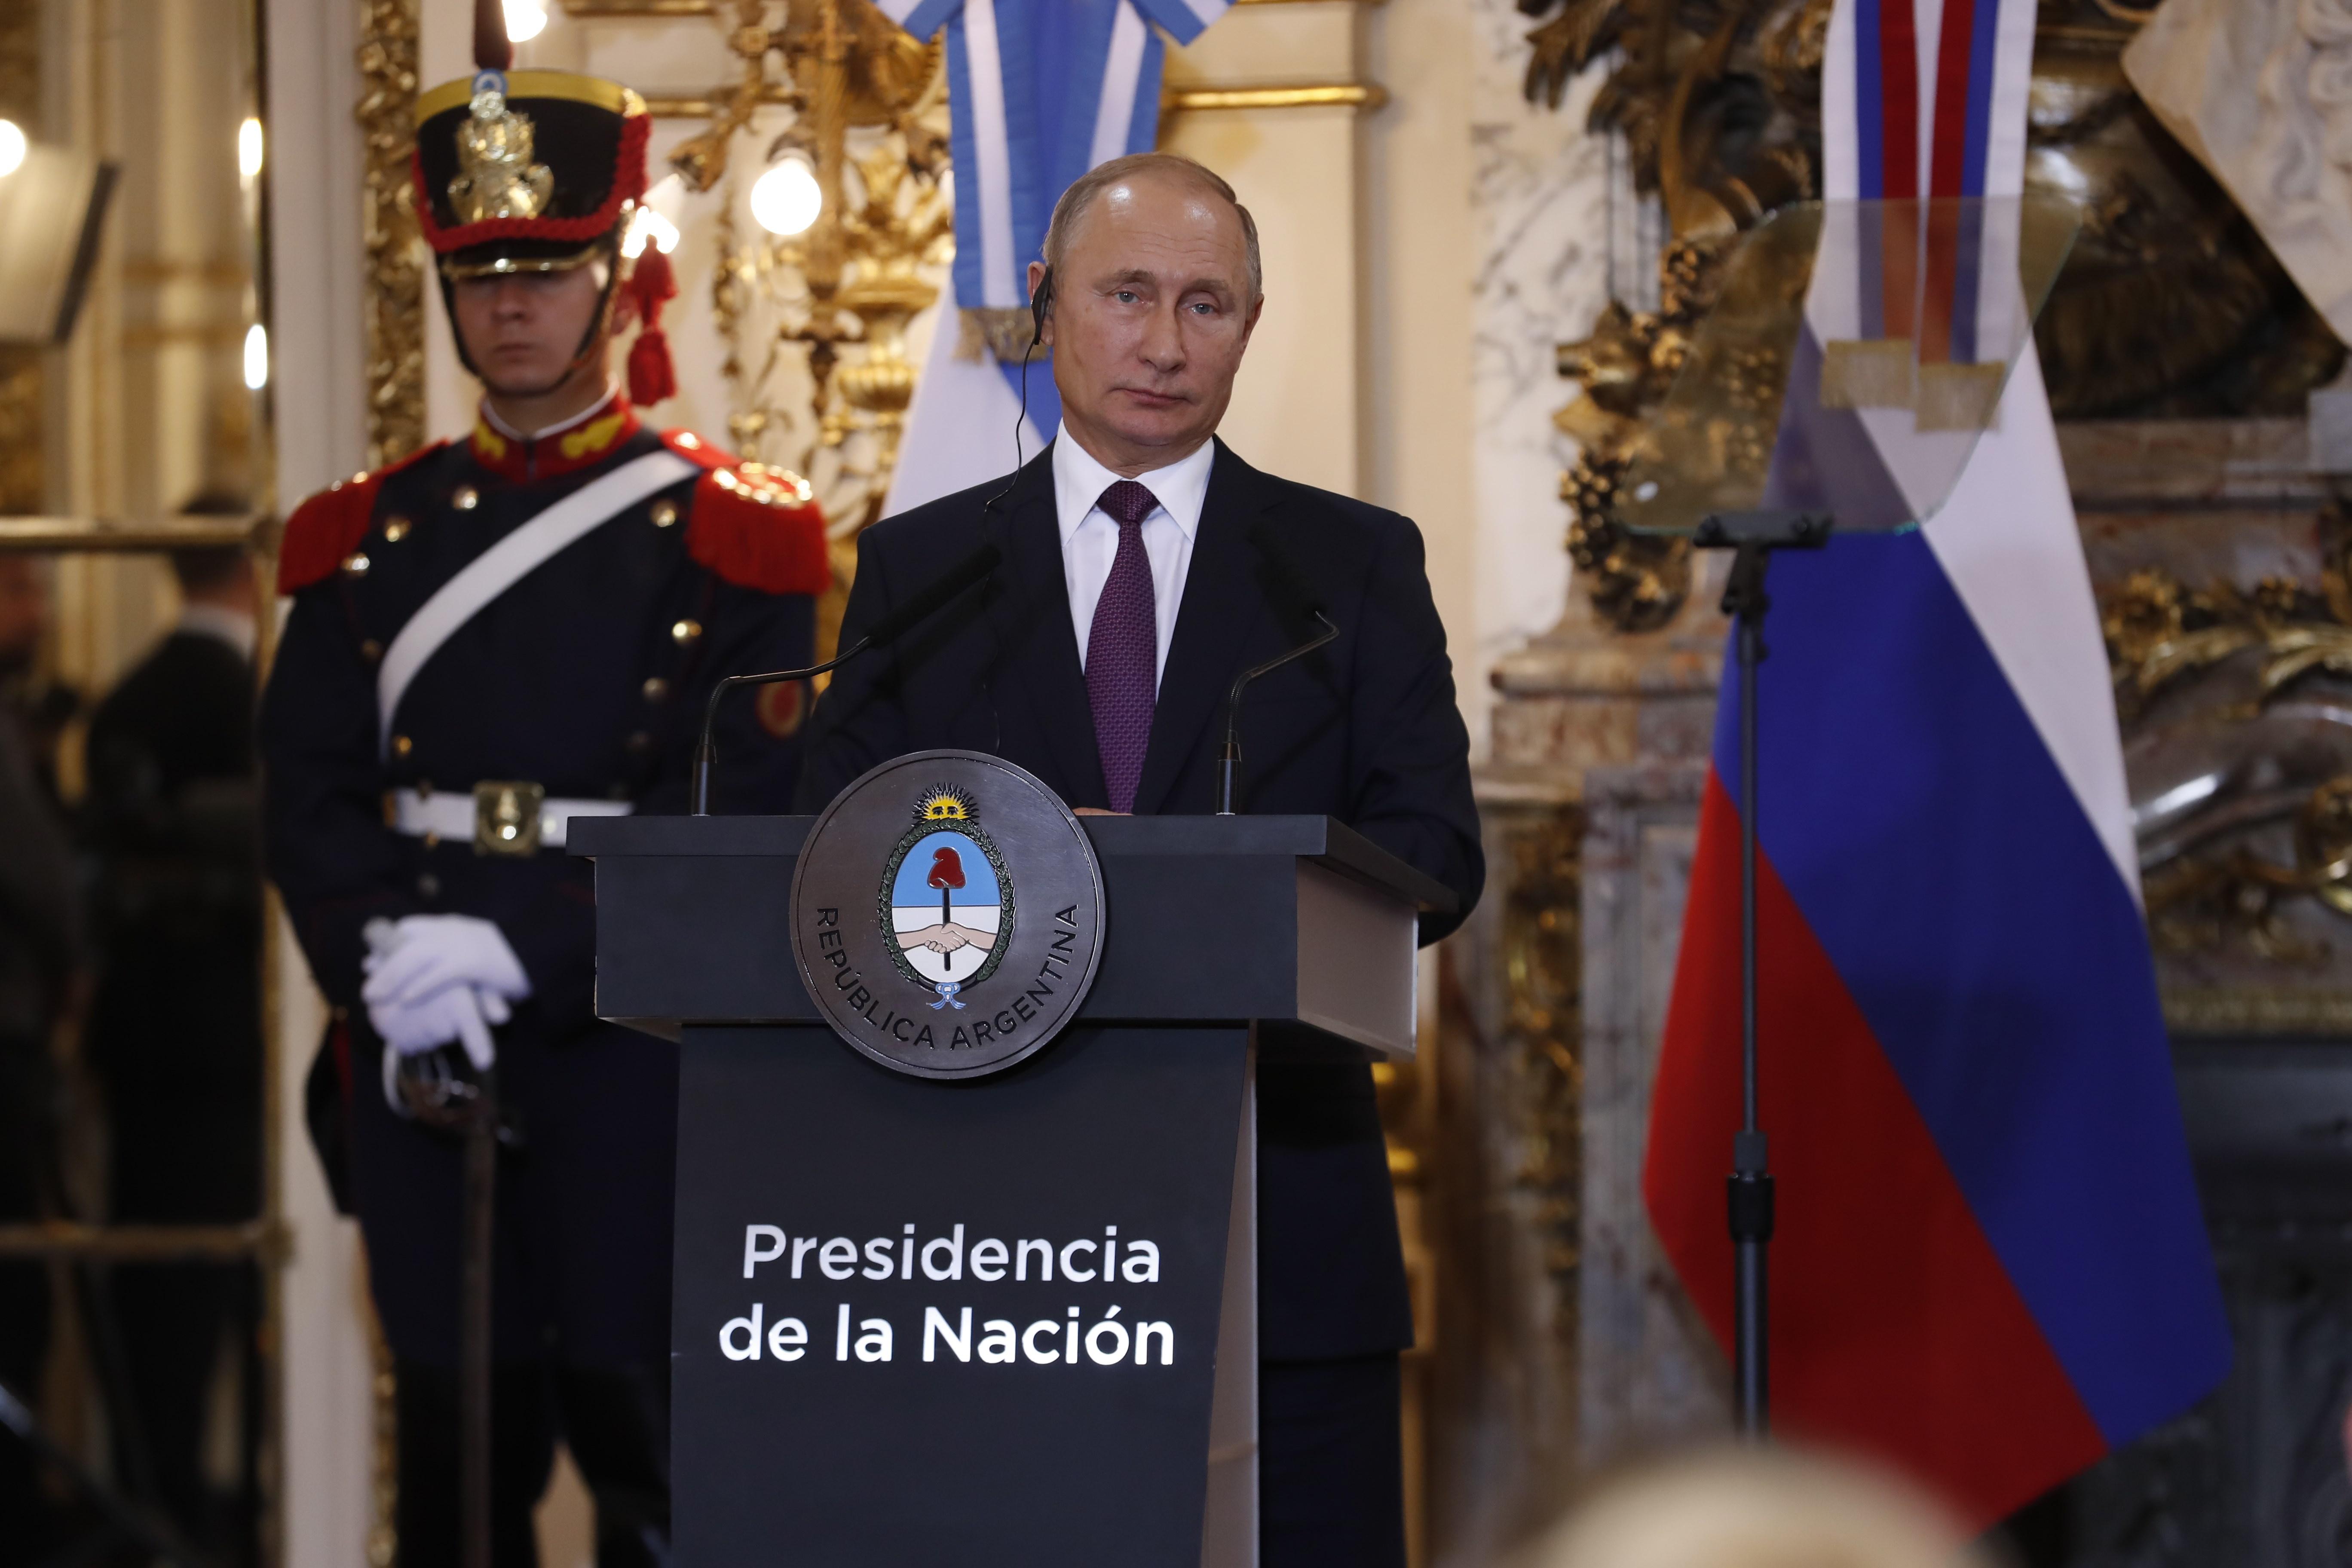 Kremlj se nada sastanku Putina i Trumpa prije lipnja iduće godine